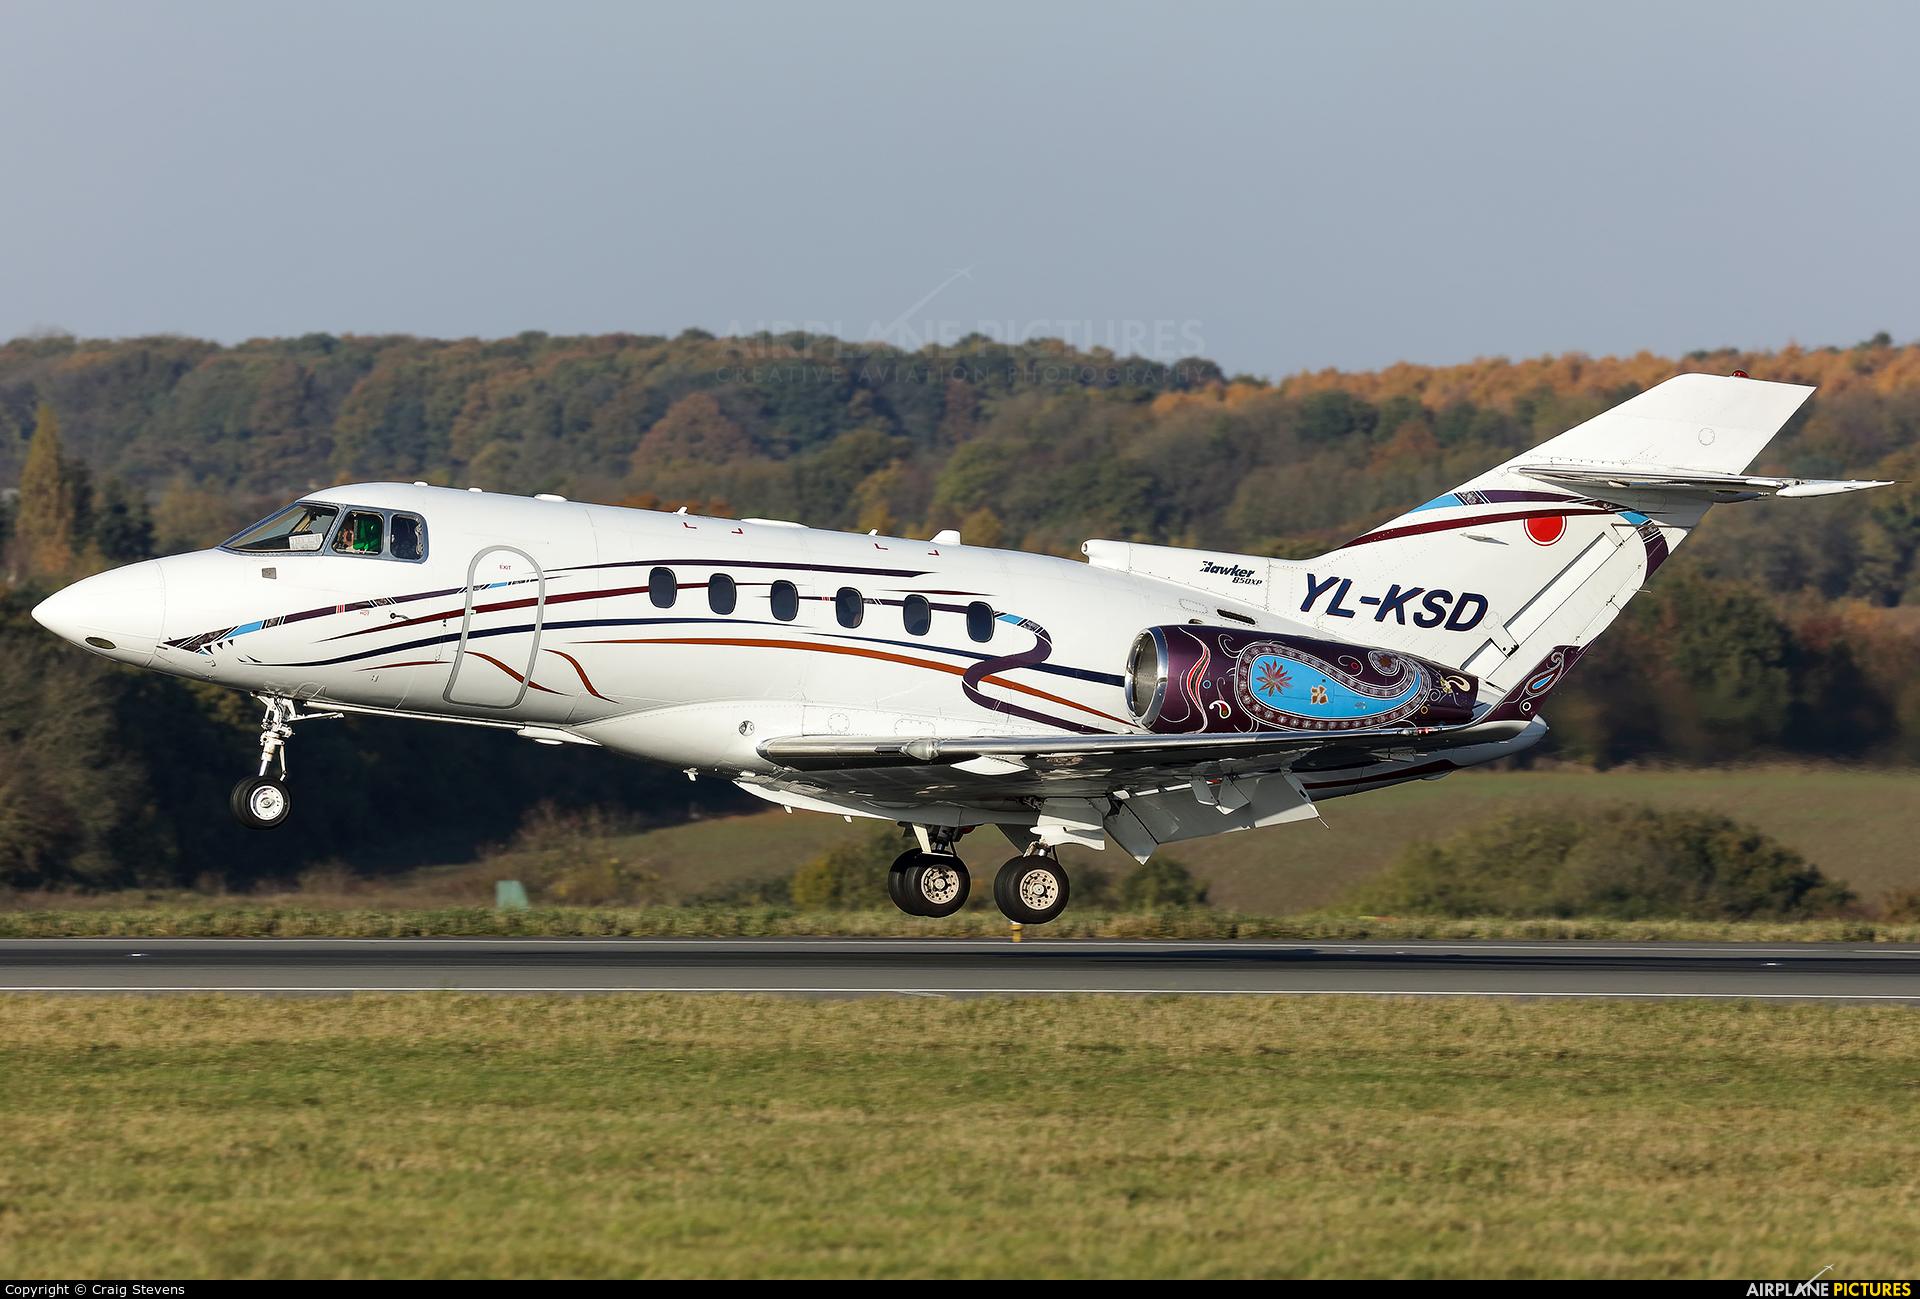 KS Avia YL-KSD aircraft at London - Luton